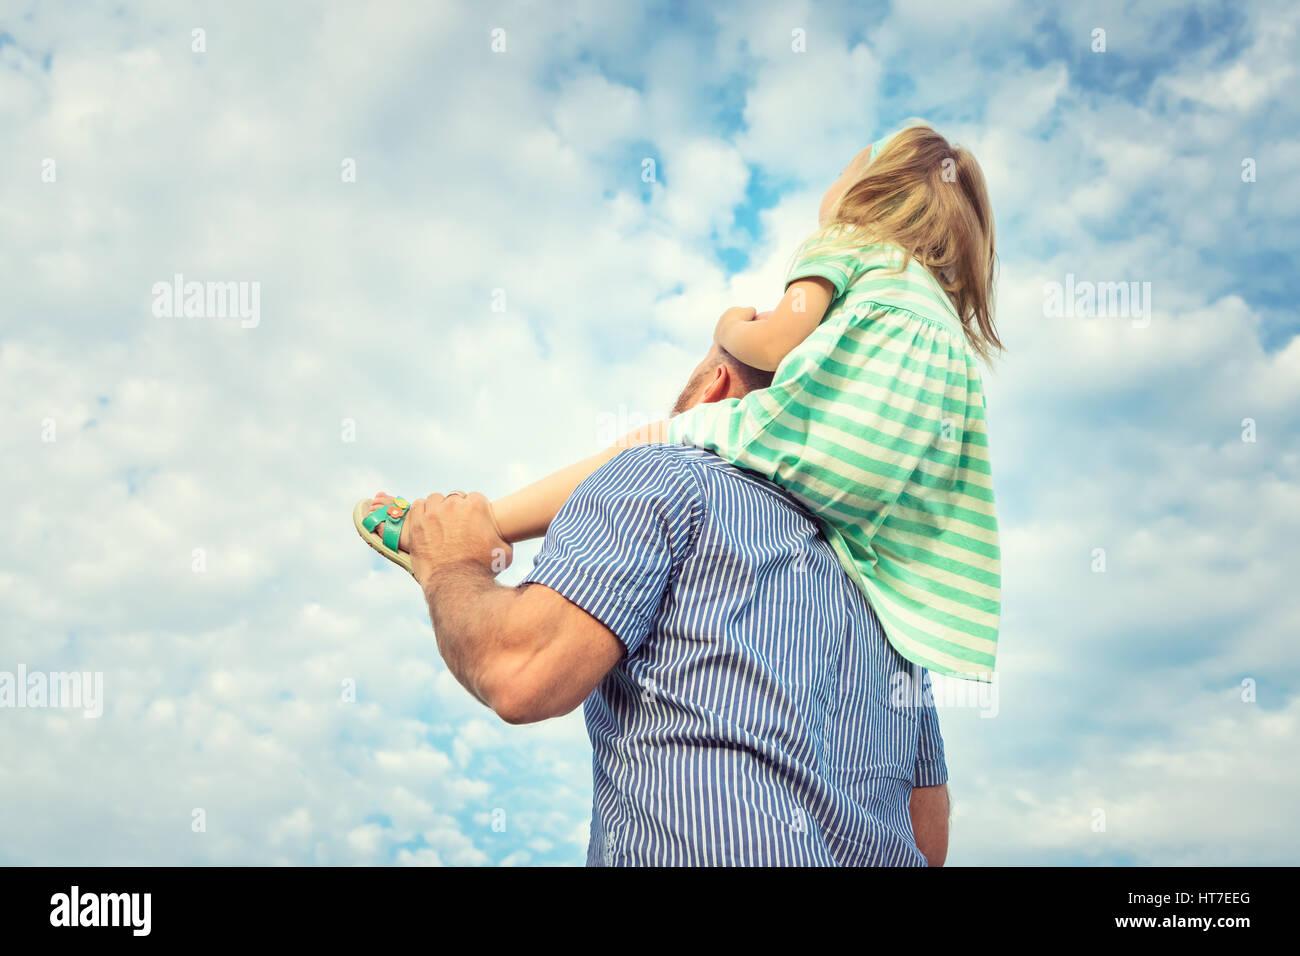 Entzückende Tochter und Vater Porträt, glückliche Familie, Zukunftskonzept Stockbild